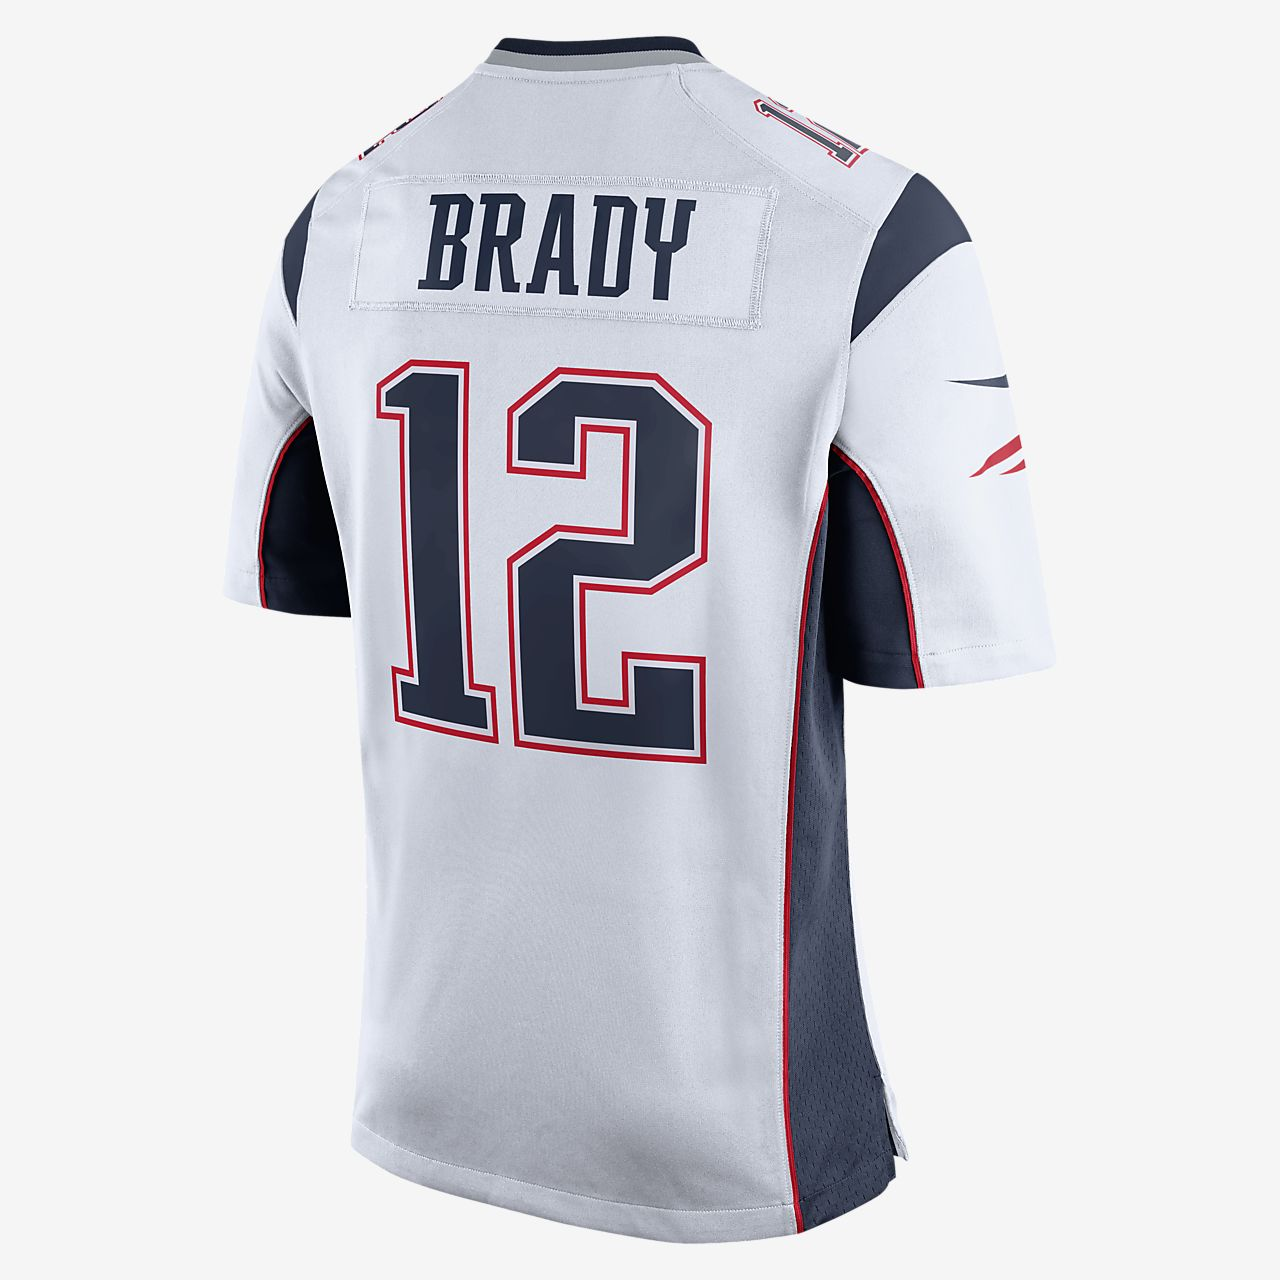 1c77504182ee1 ... Camiseta oficial de fútbol americano de visitante para hombre de NFL  New England Patriots (Tom